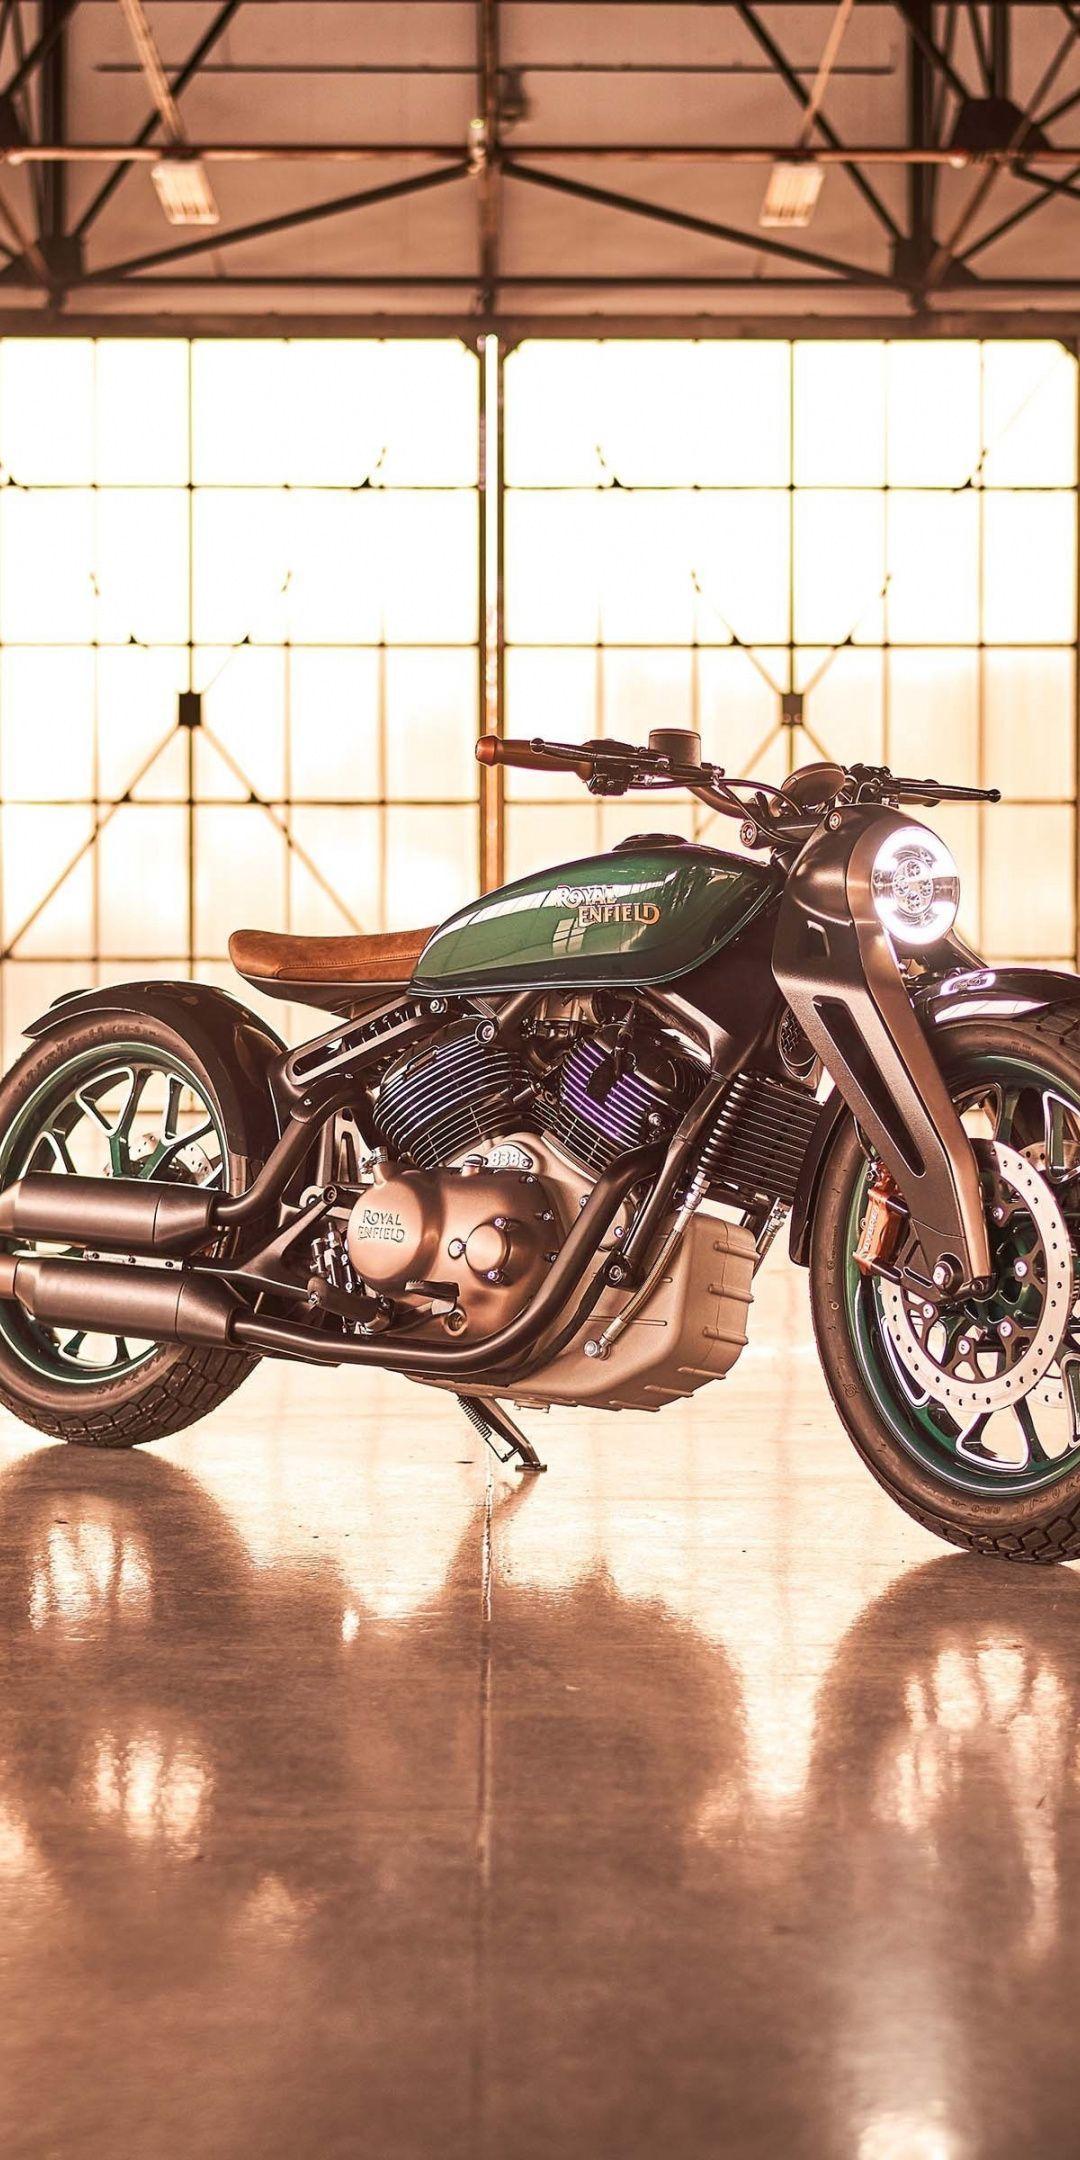 Royal Enfield KX, muscle bike, 2019, 1080x2160 wallpaper